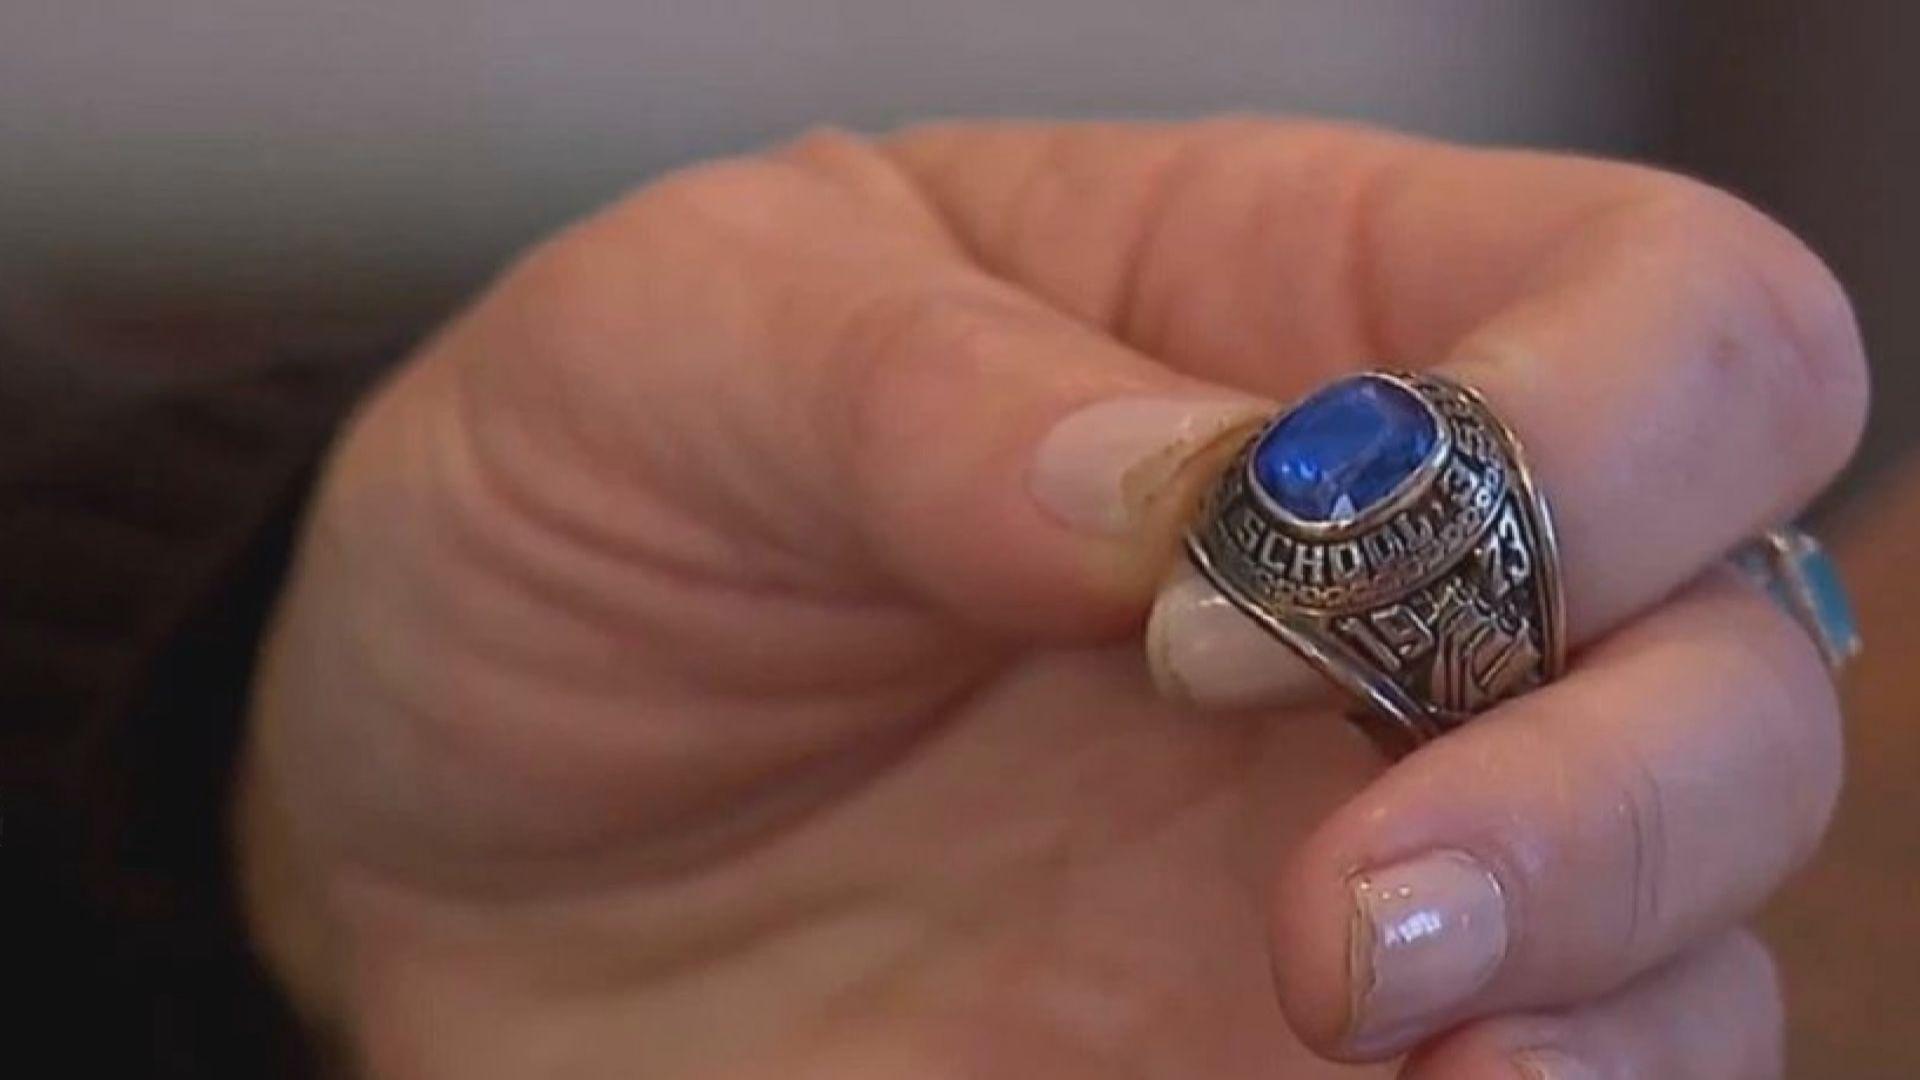 【環球薈報】美國女子遺失戒指47年後失而復得